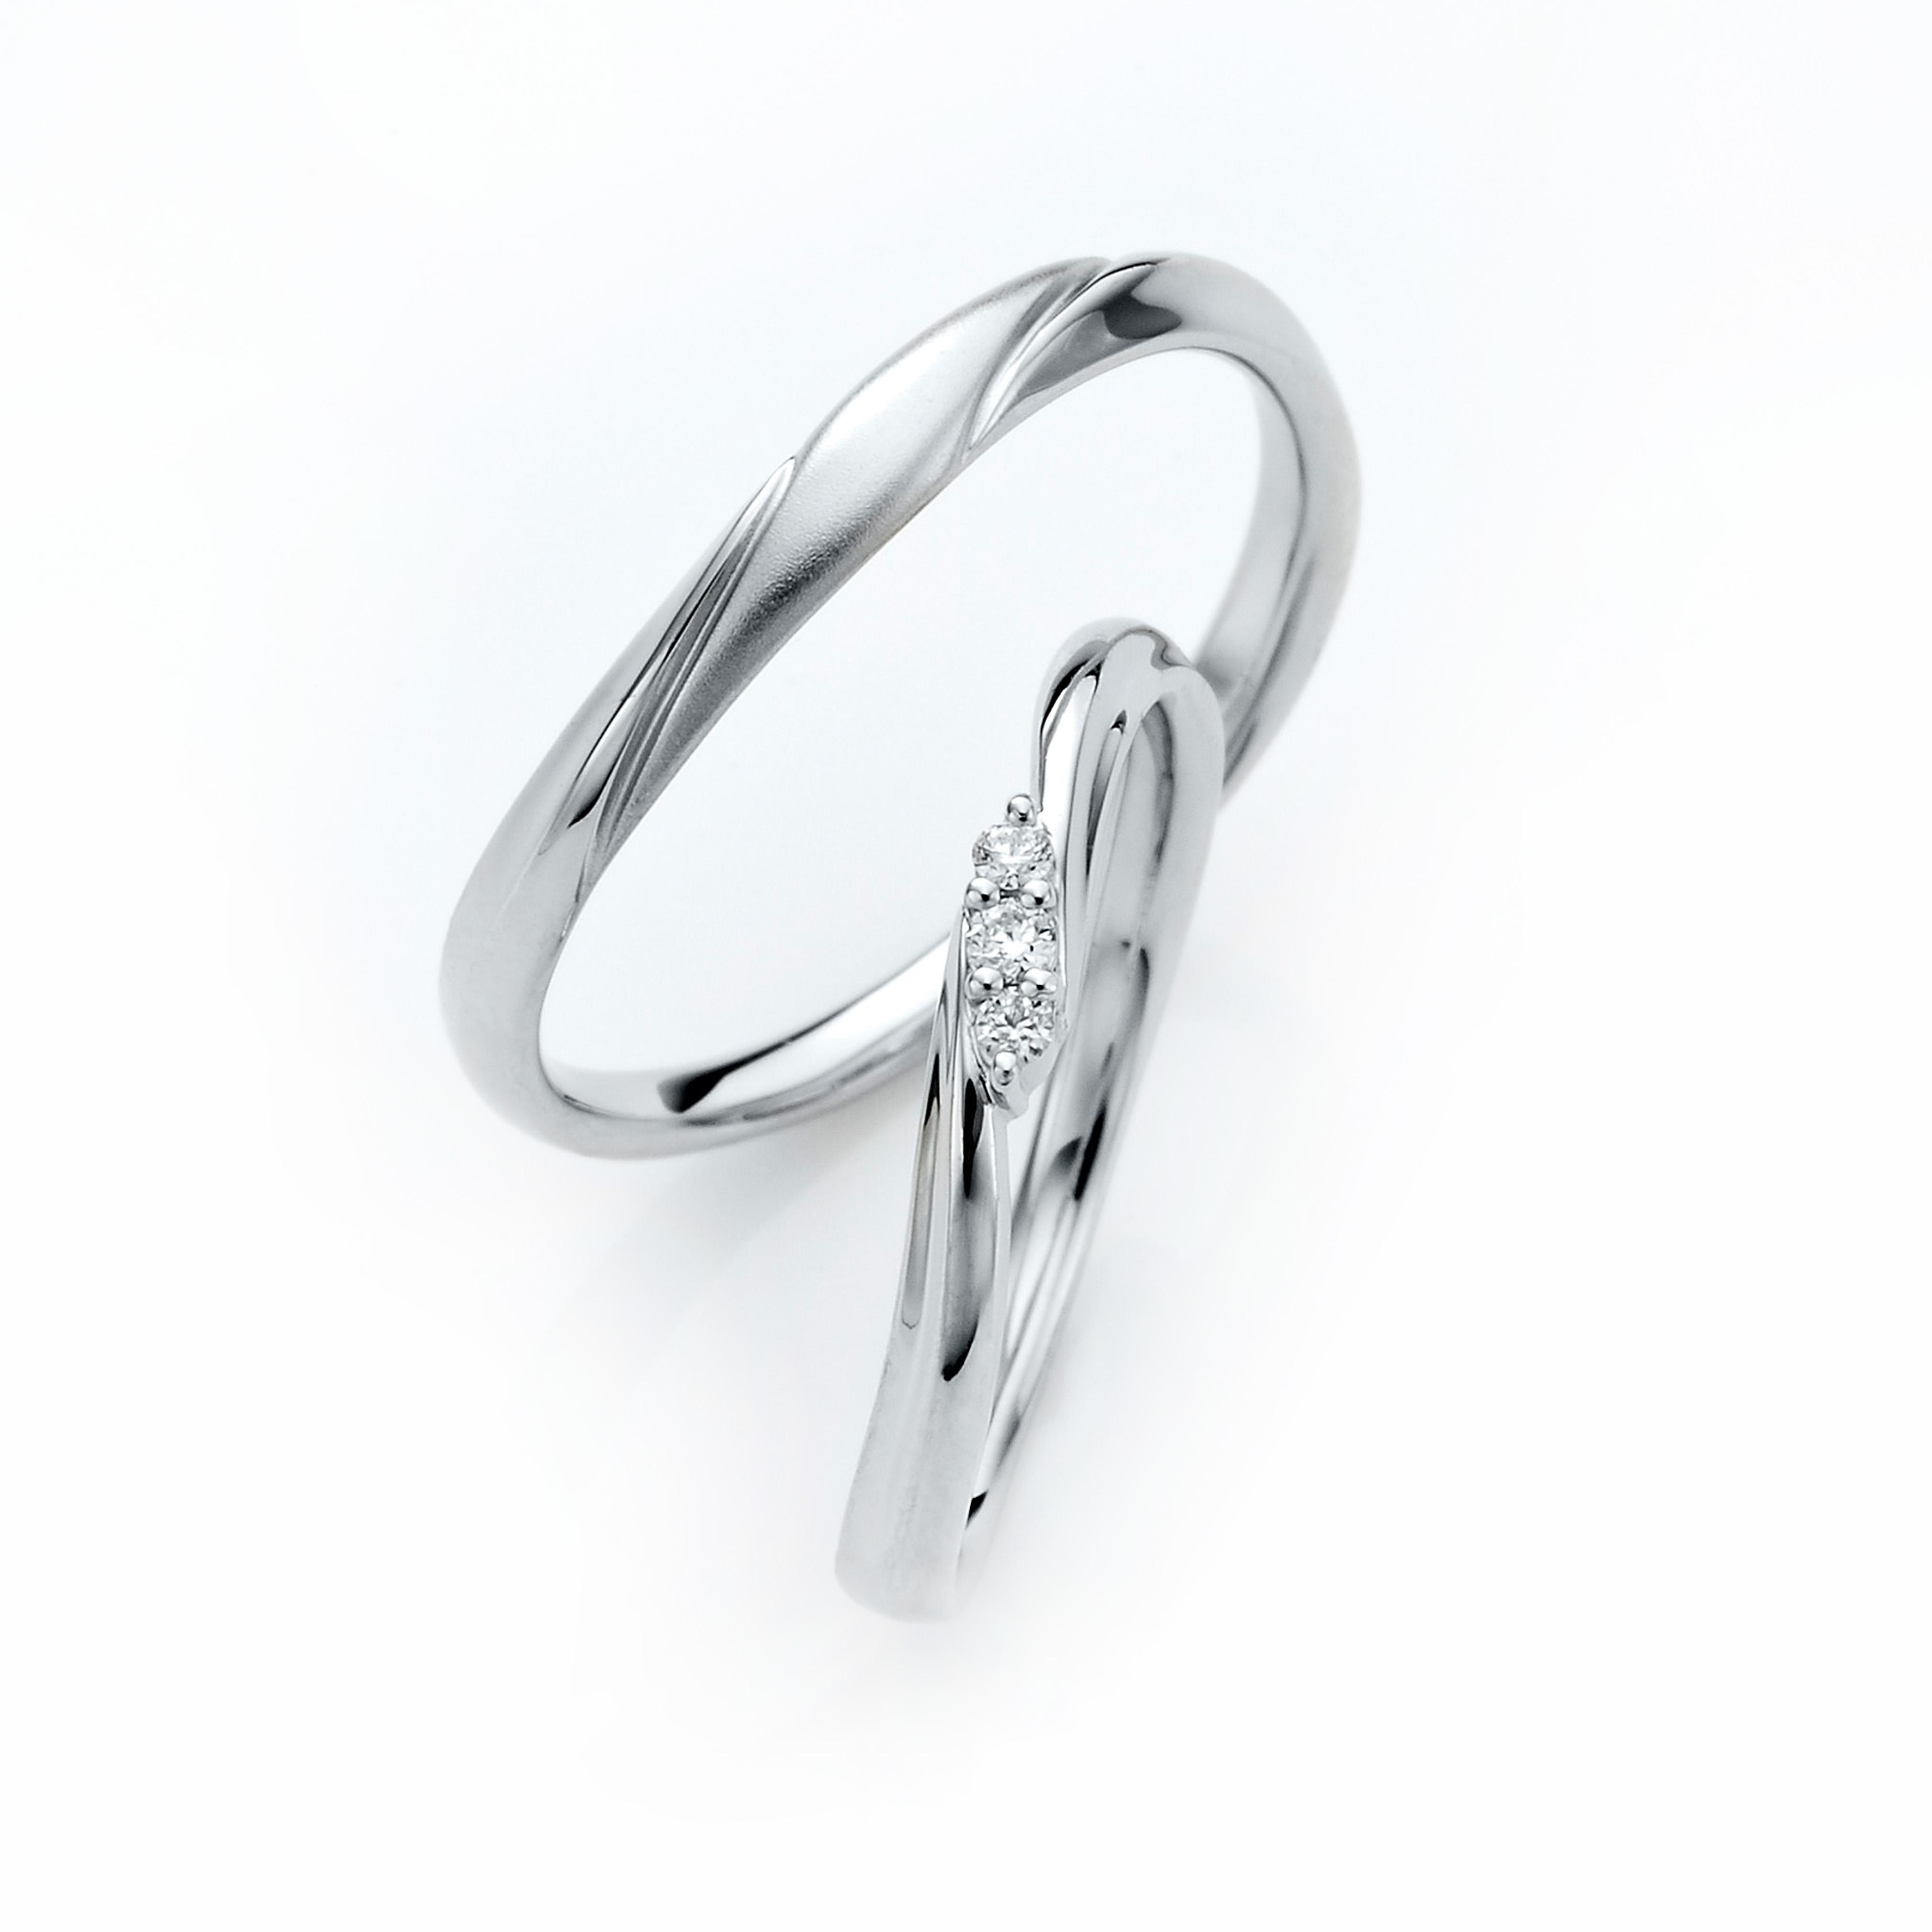 手に馴染む優しいラインが思わず毎日身に着けたくなる結婚指輪です。